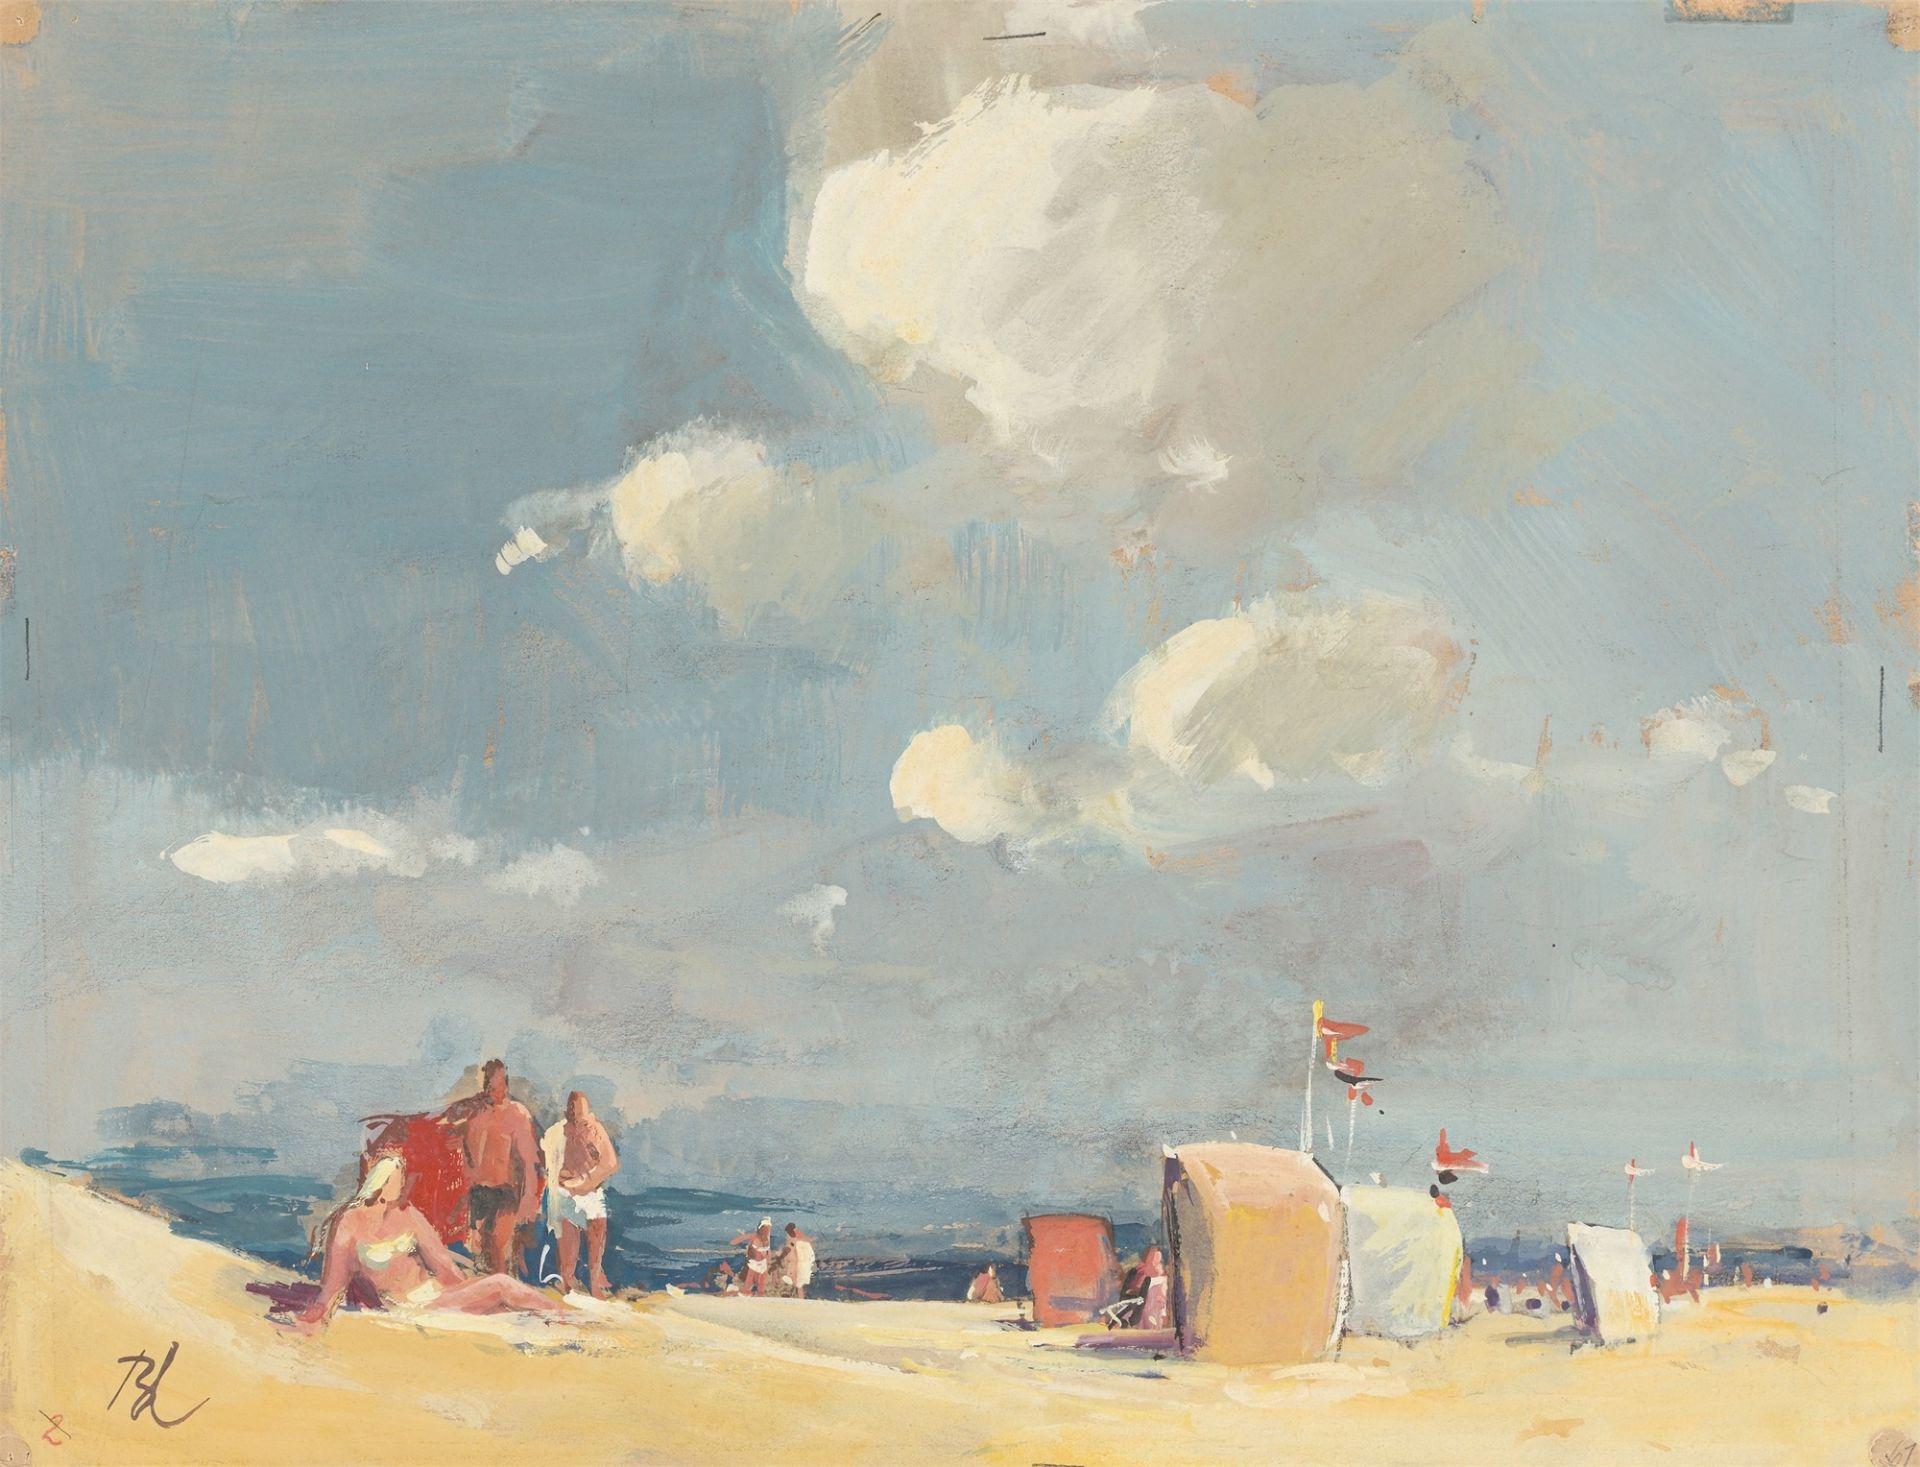 Günther Blechschmidt. On the beach. After 1945